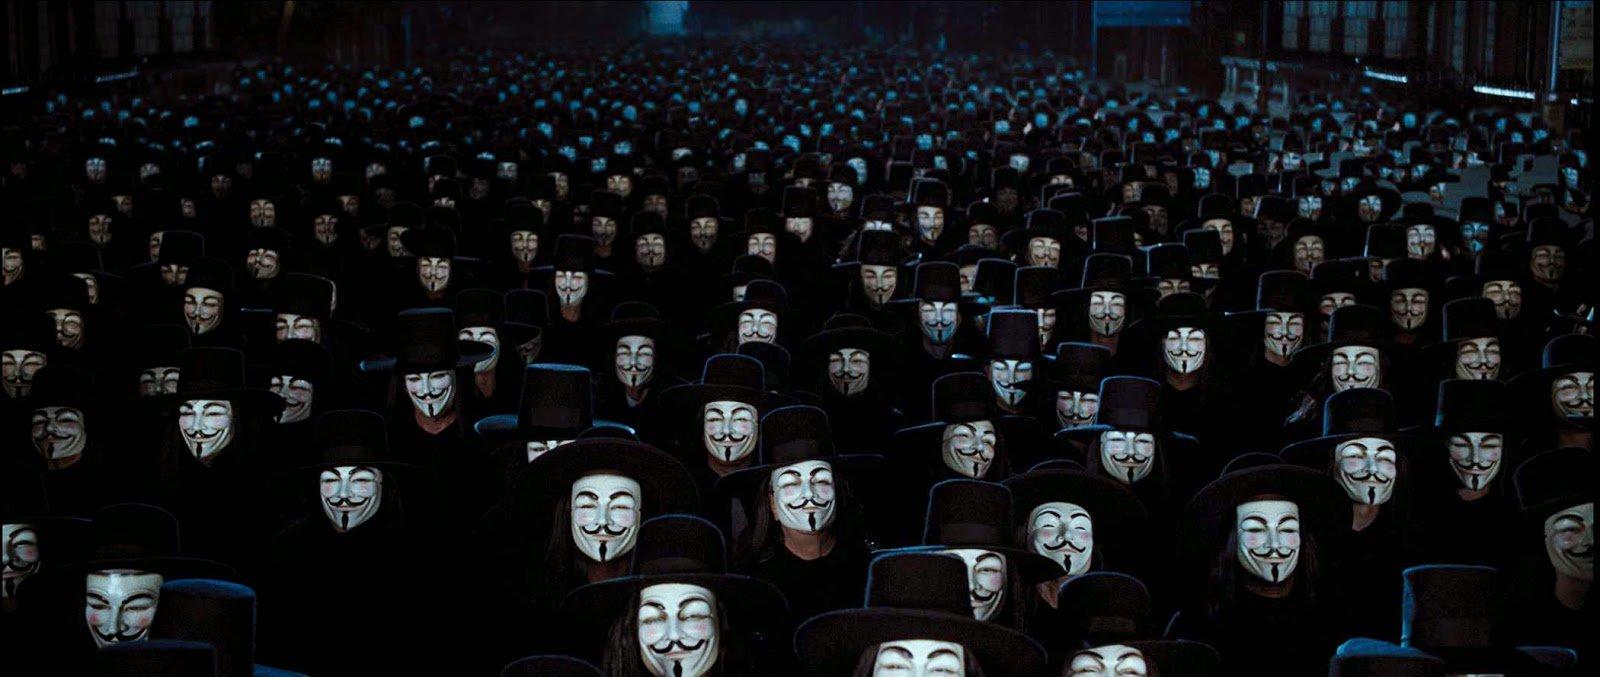 5 novembre: riscopriamo V per Vendetta